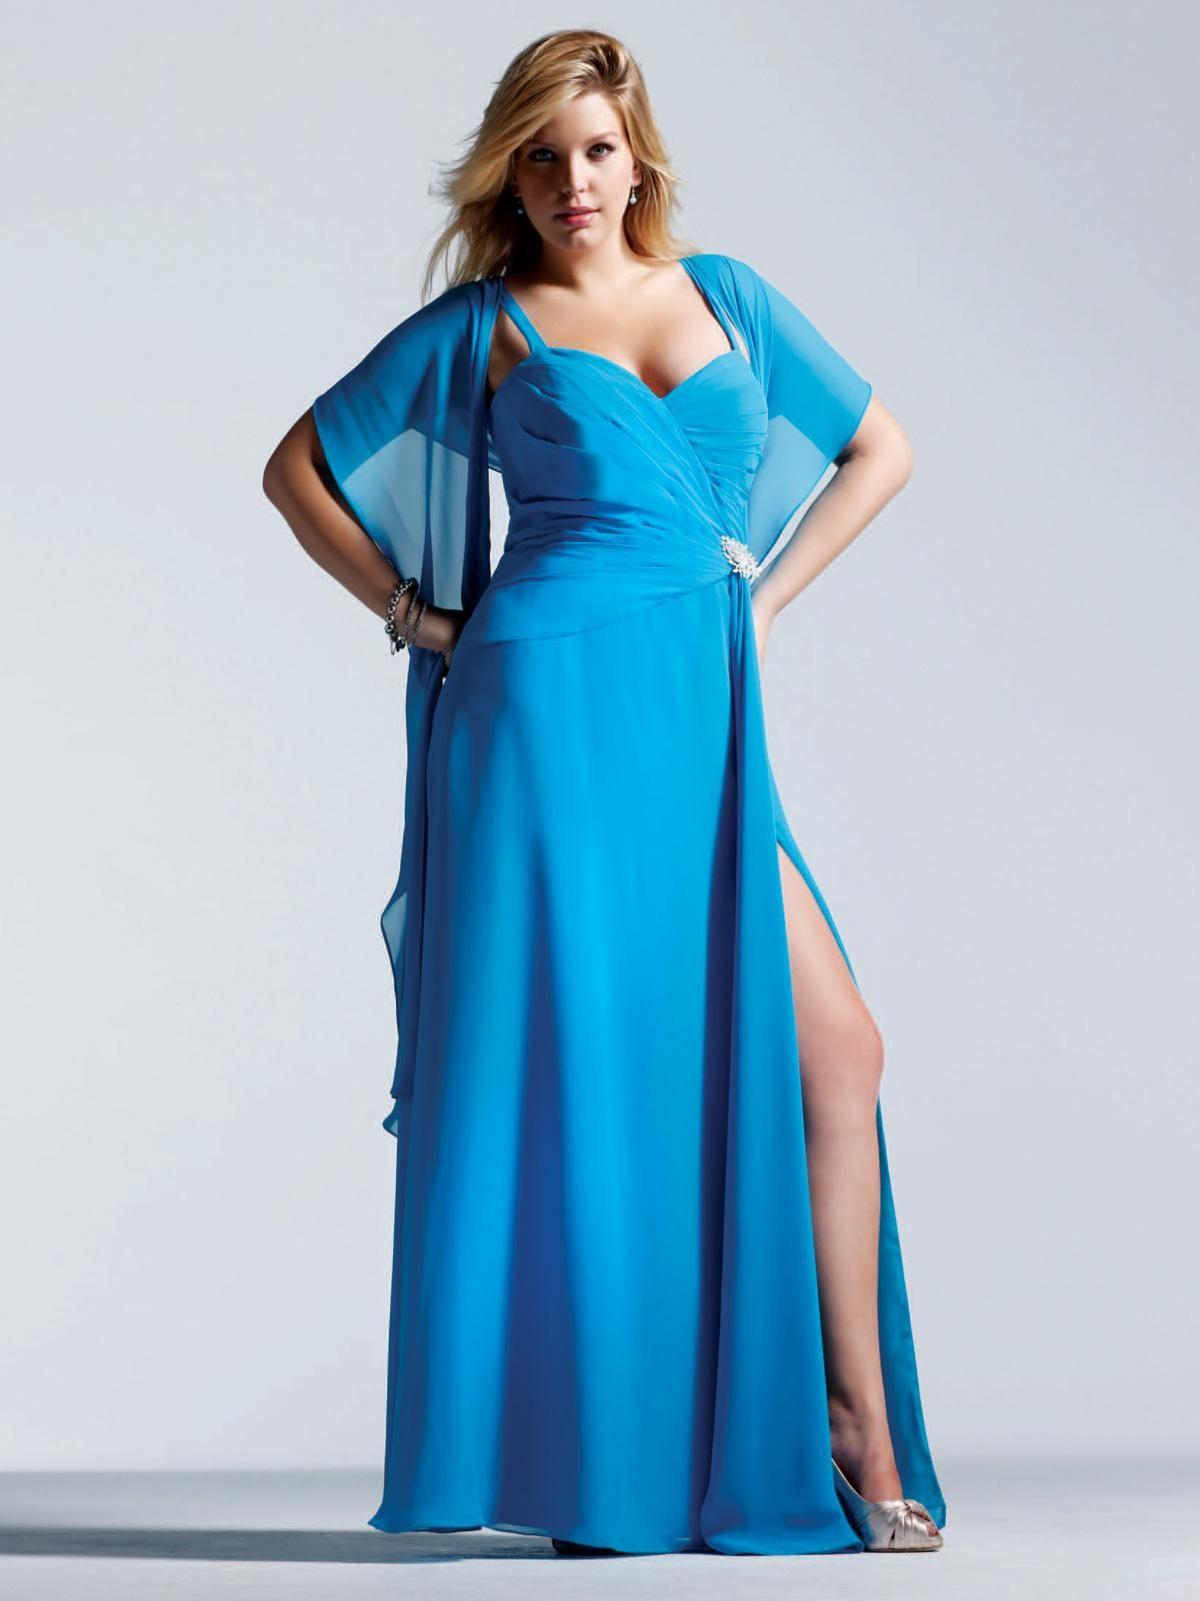 Elegir colores vivos, modelos que enmarquen la cintura y usar ...